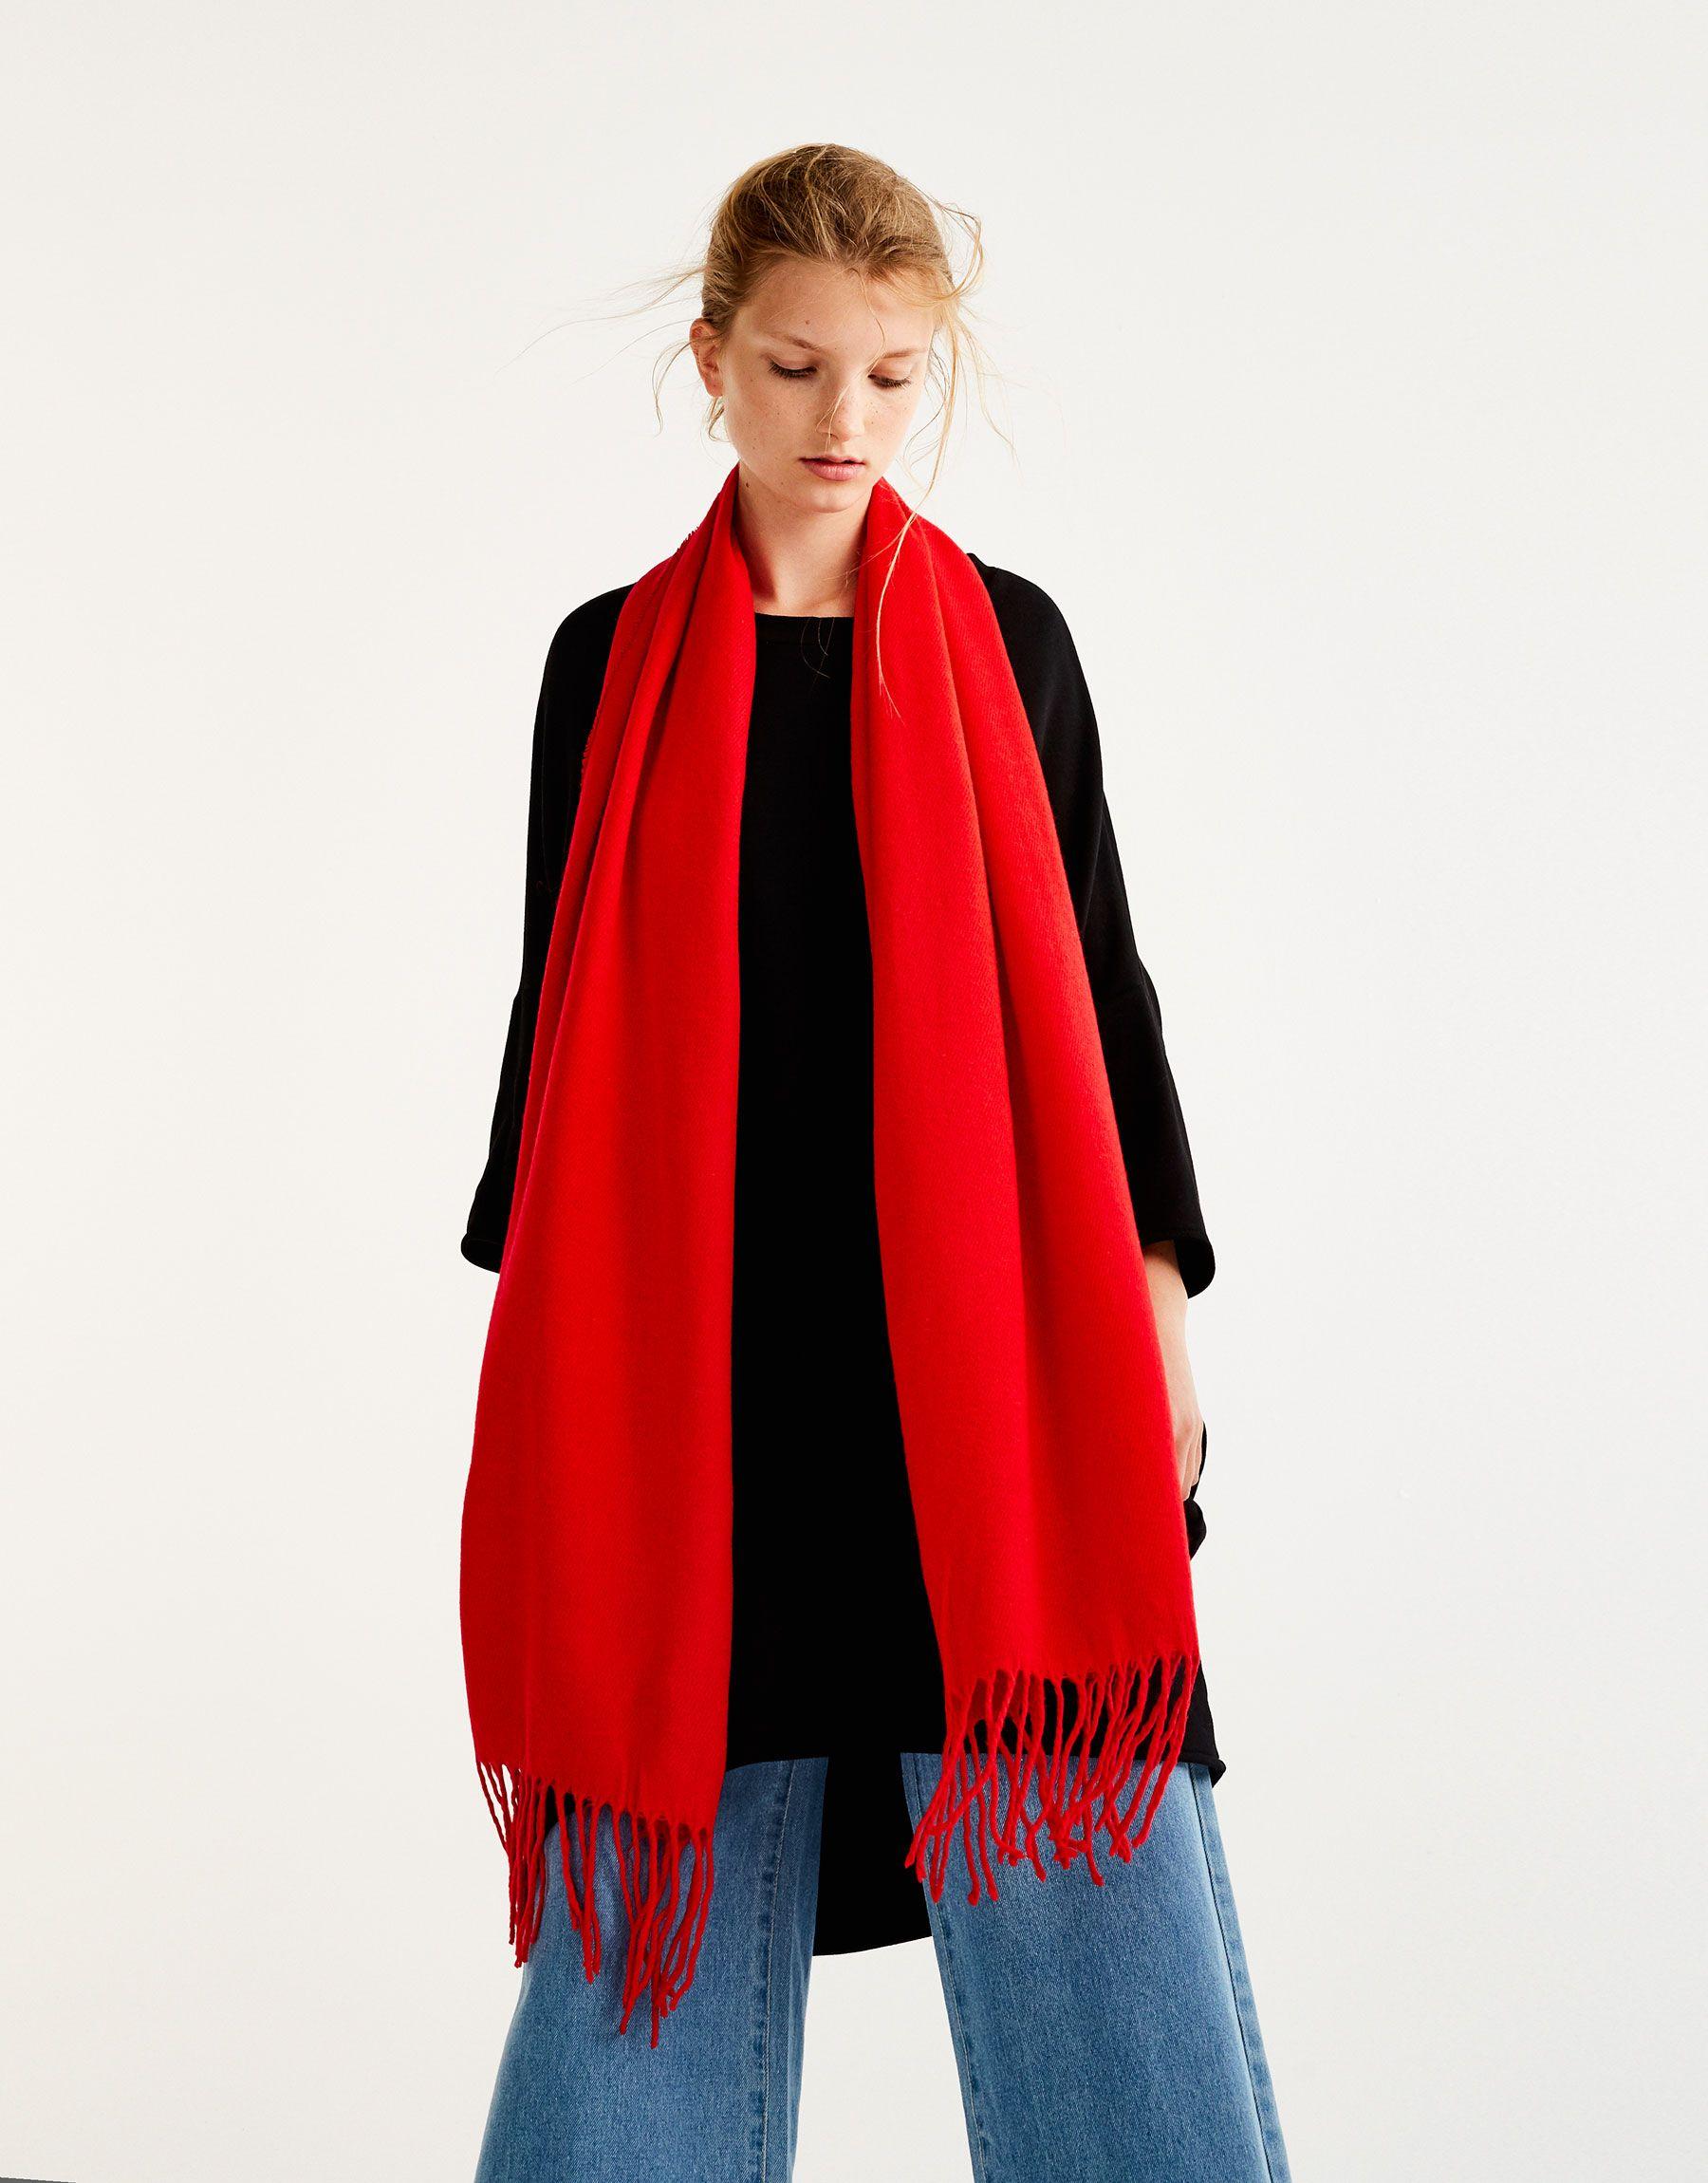 695ede15a565 Pull écharpe femme - Idée pour s habiller